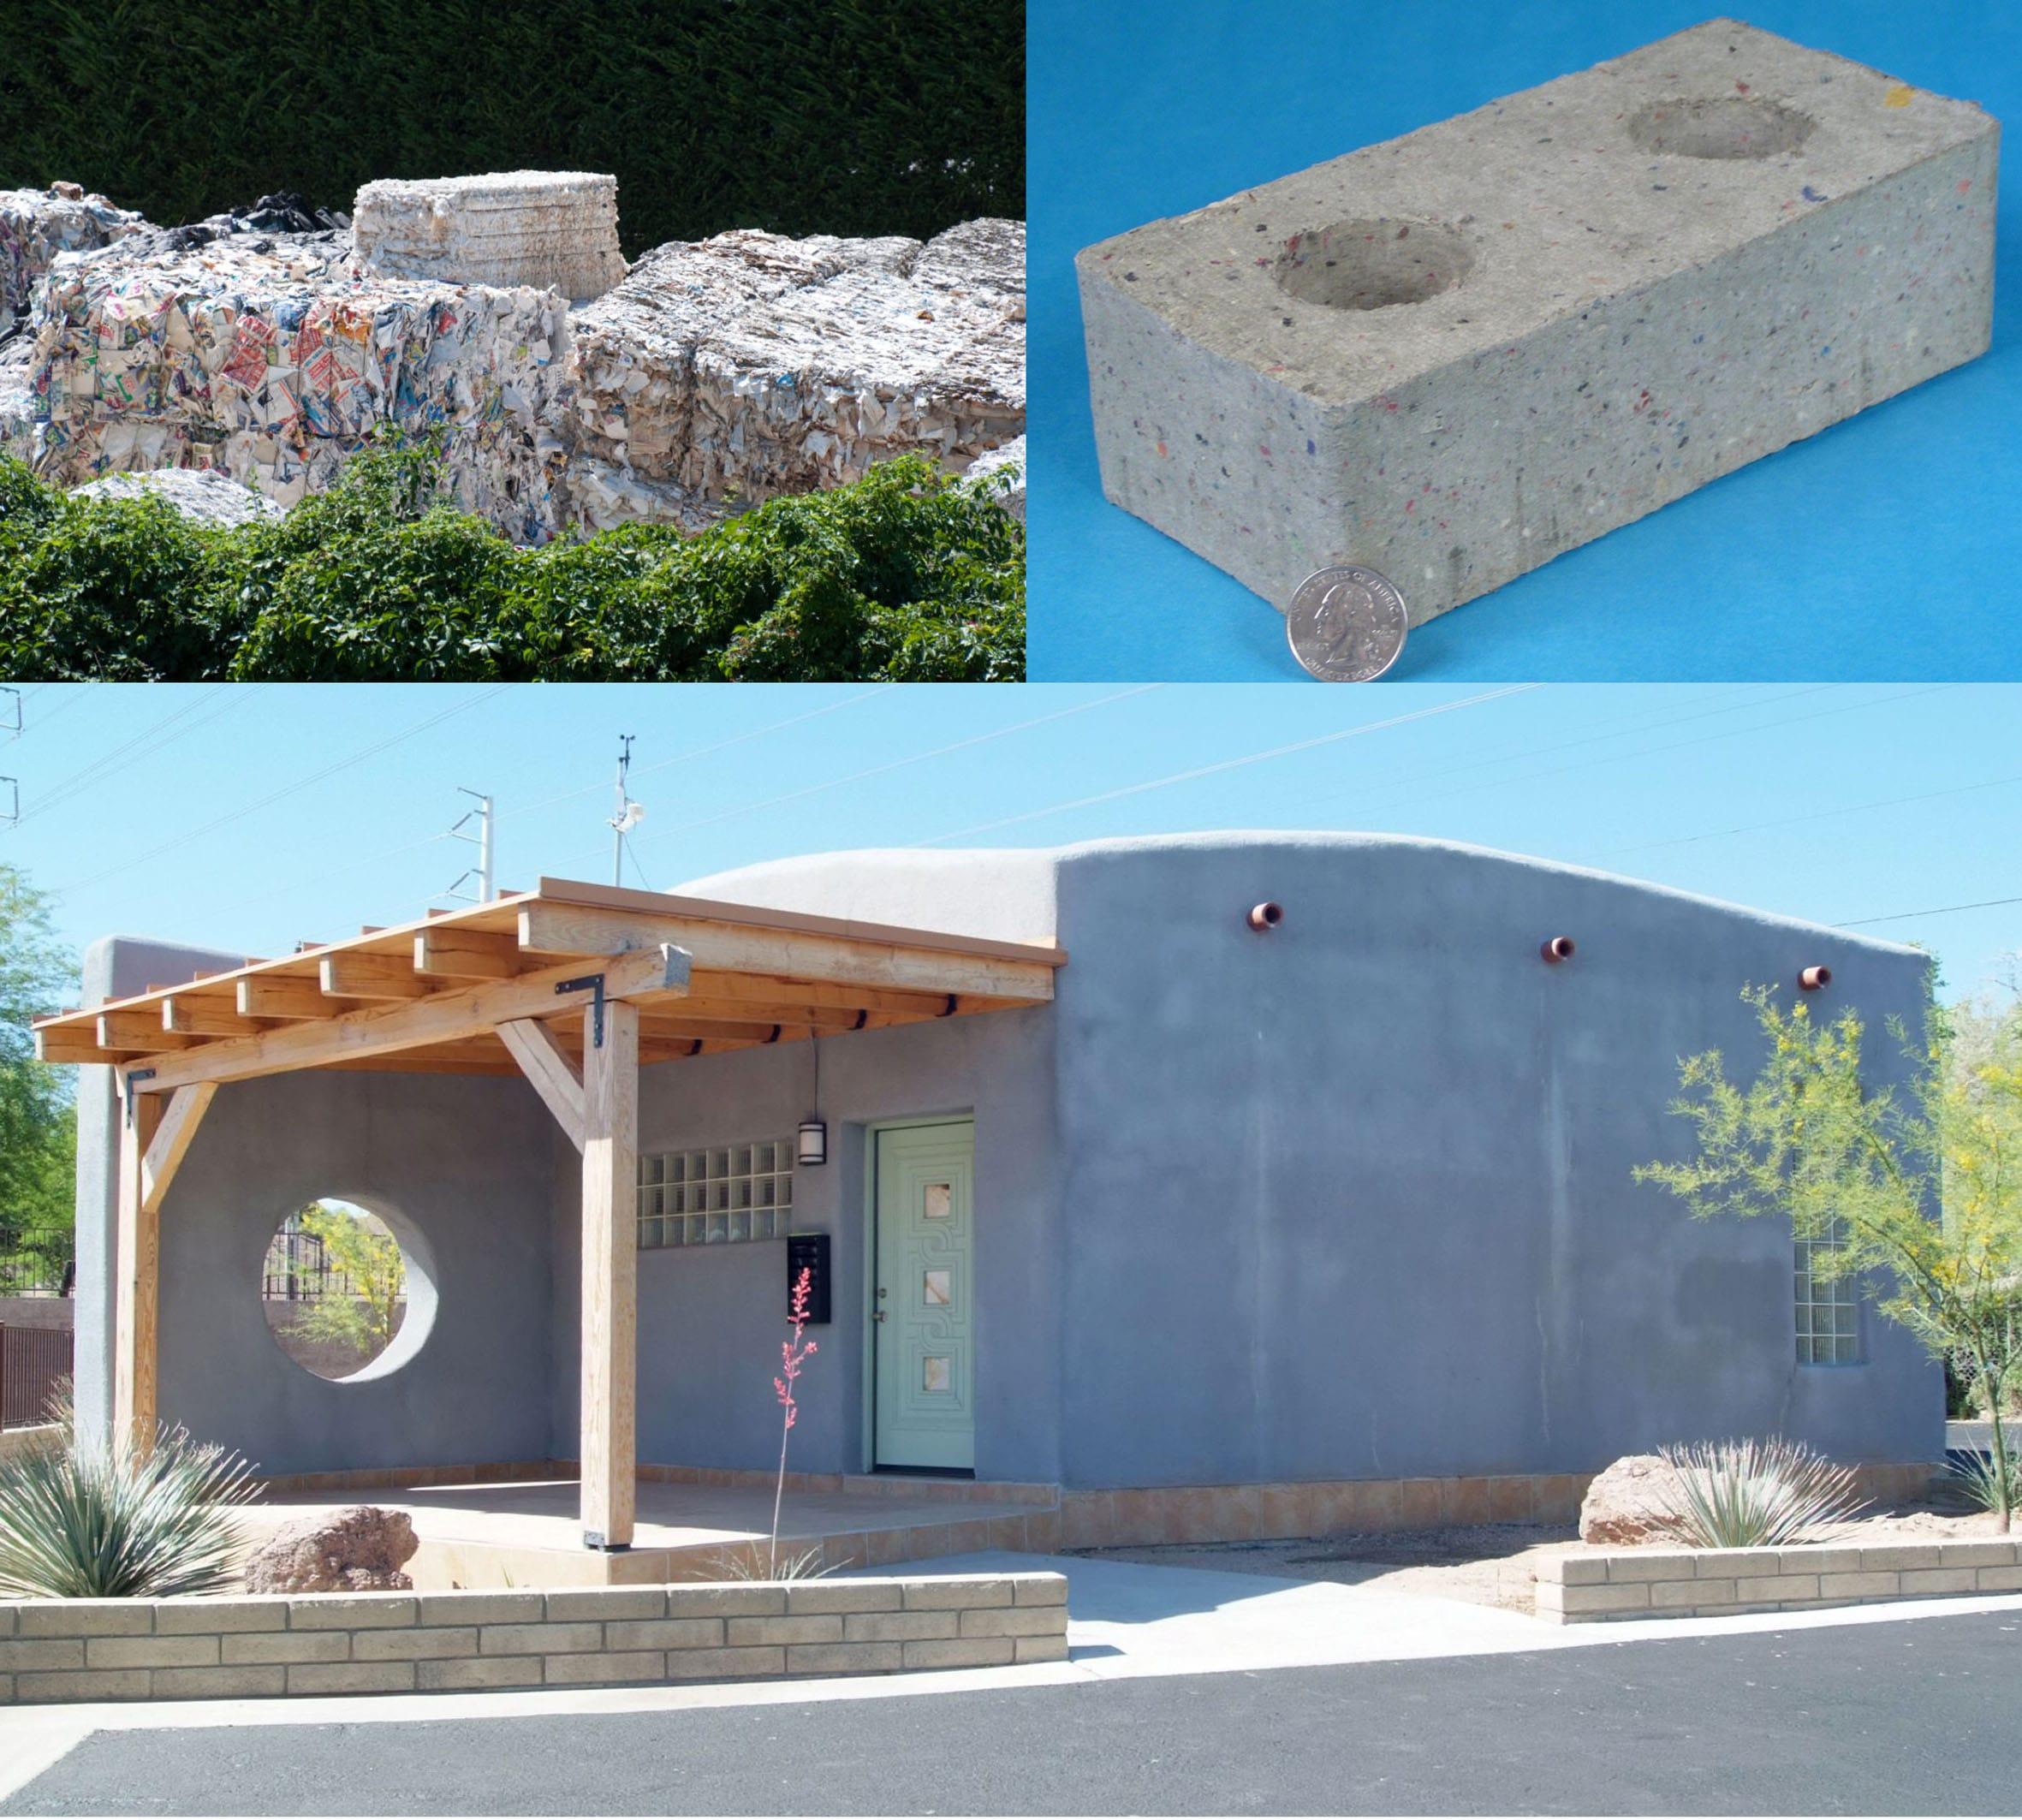 O tijolo ecológico Betr-Block possibilita construir casas com papel reciclado stylo urbano